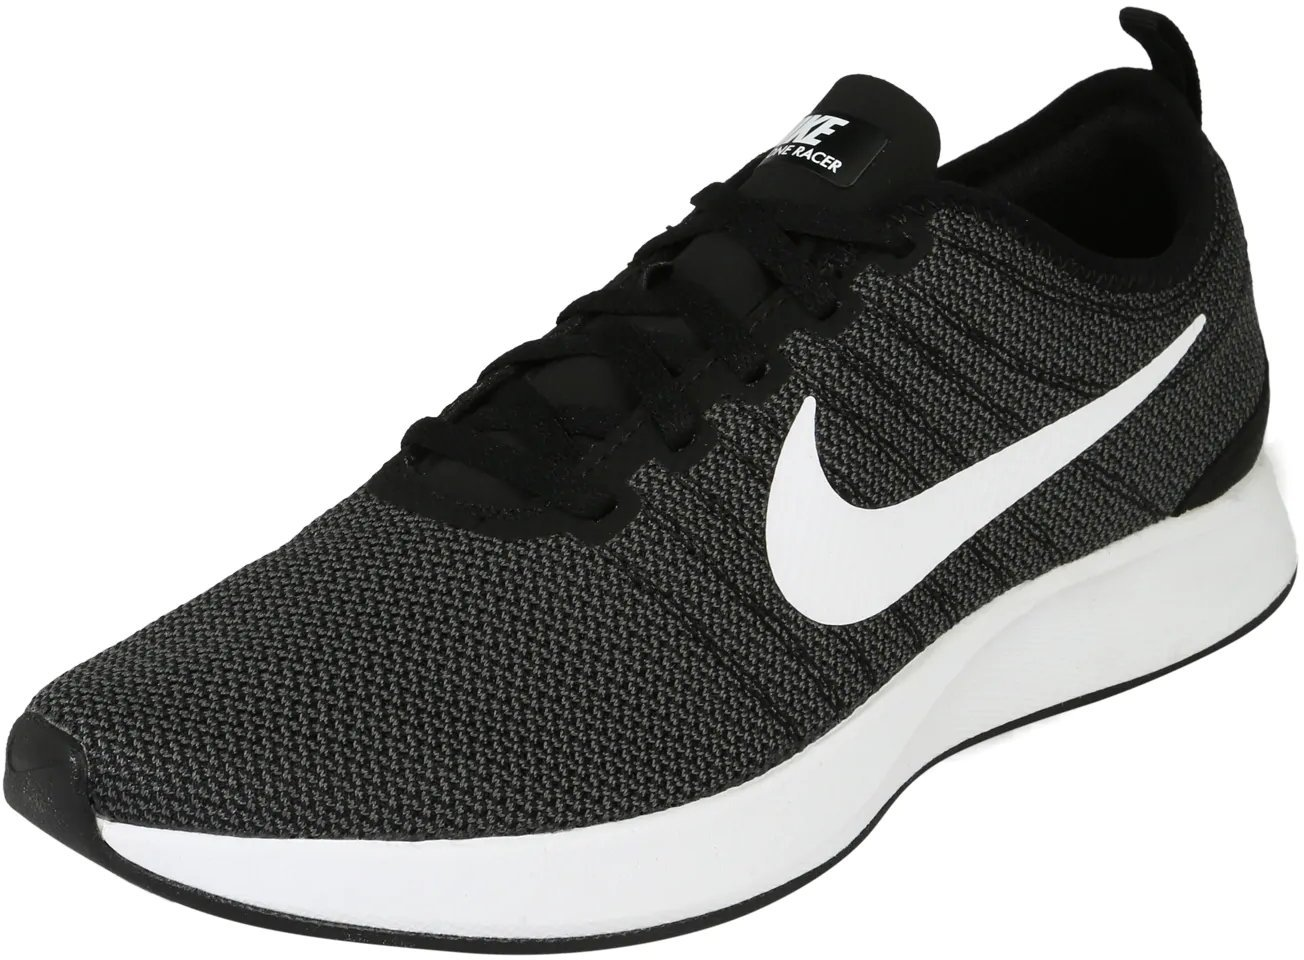 Nike Nike Free 3.0 V6 Herren Online Shop Outlet Deutschland